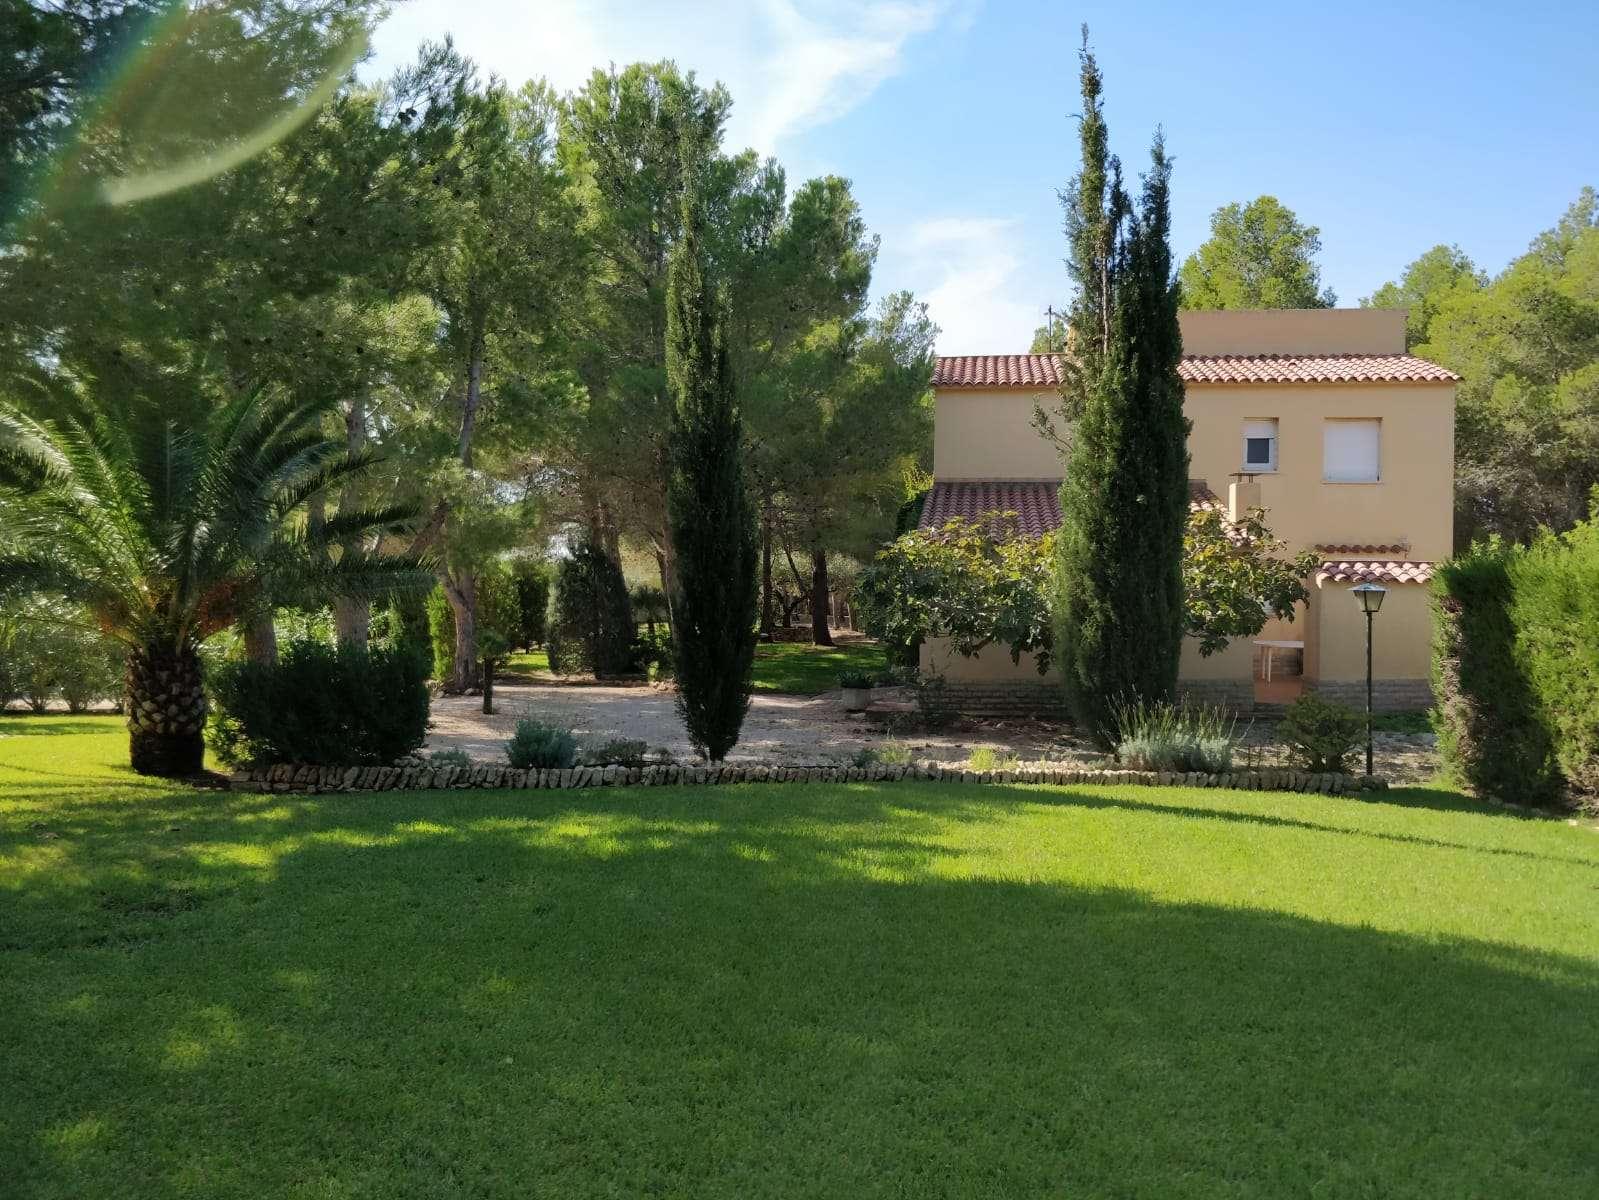 Casa en Ametlla de Mar (Tarragona)